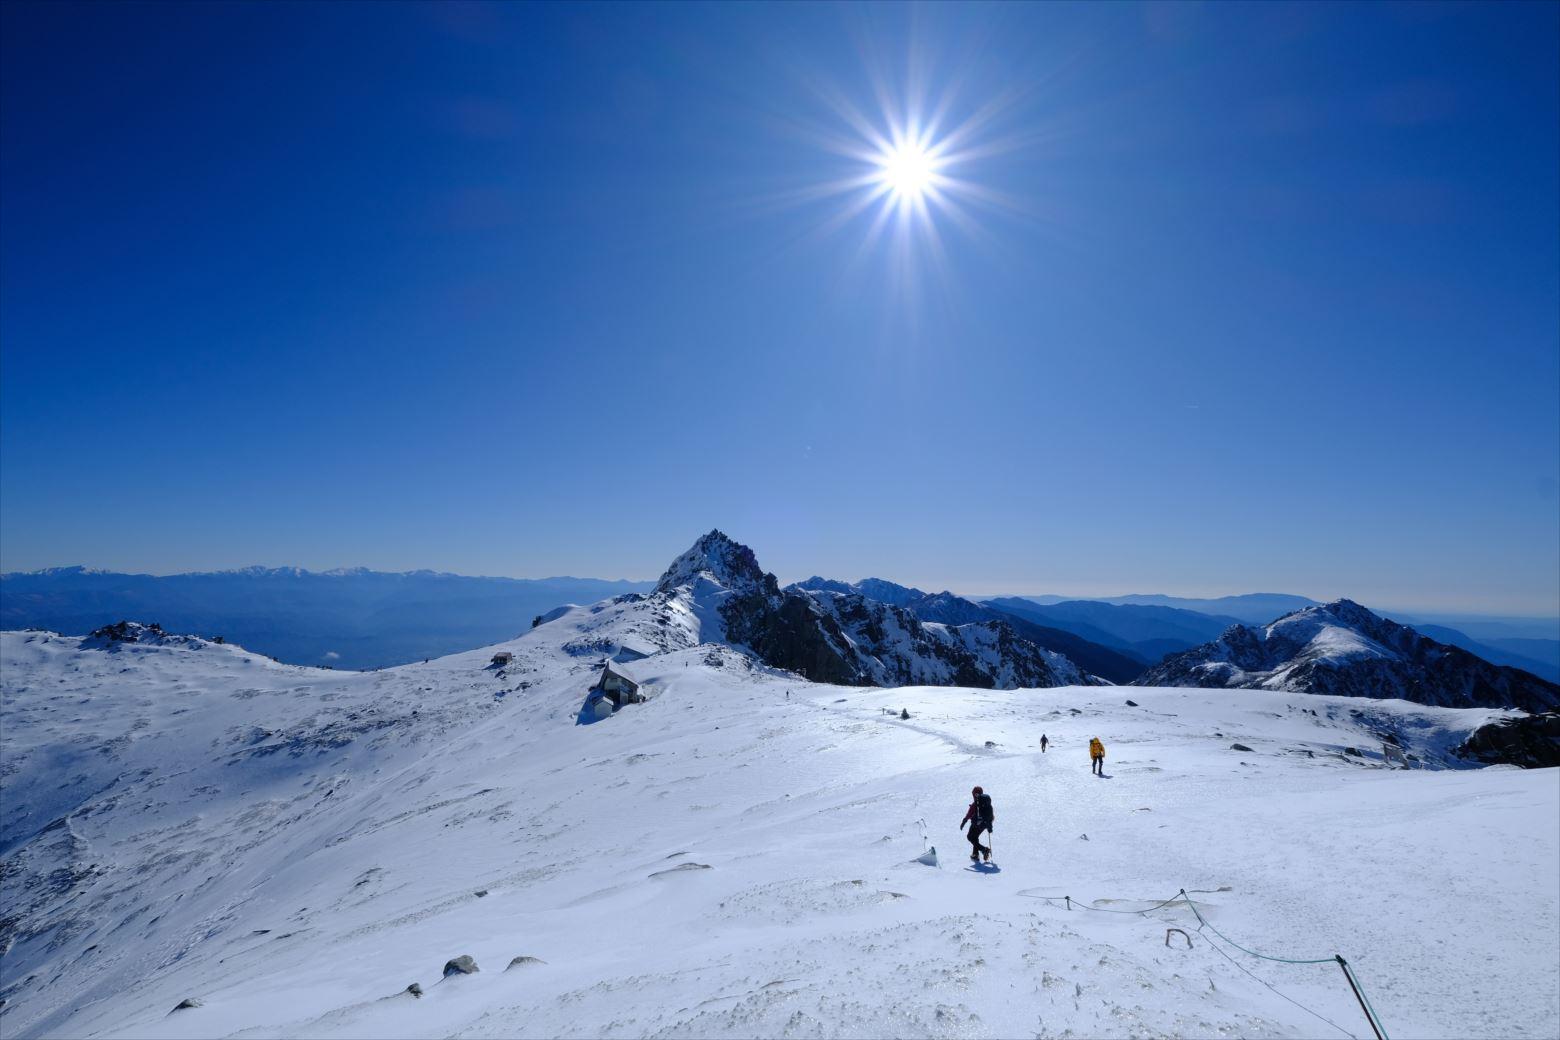 【初冬期・雪山登山】木曽駒ケ岳 (42)